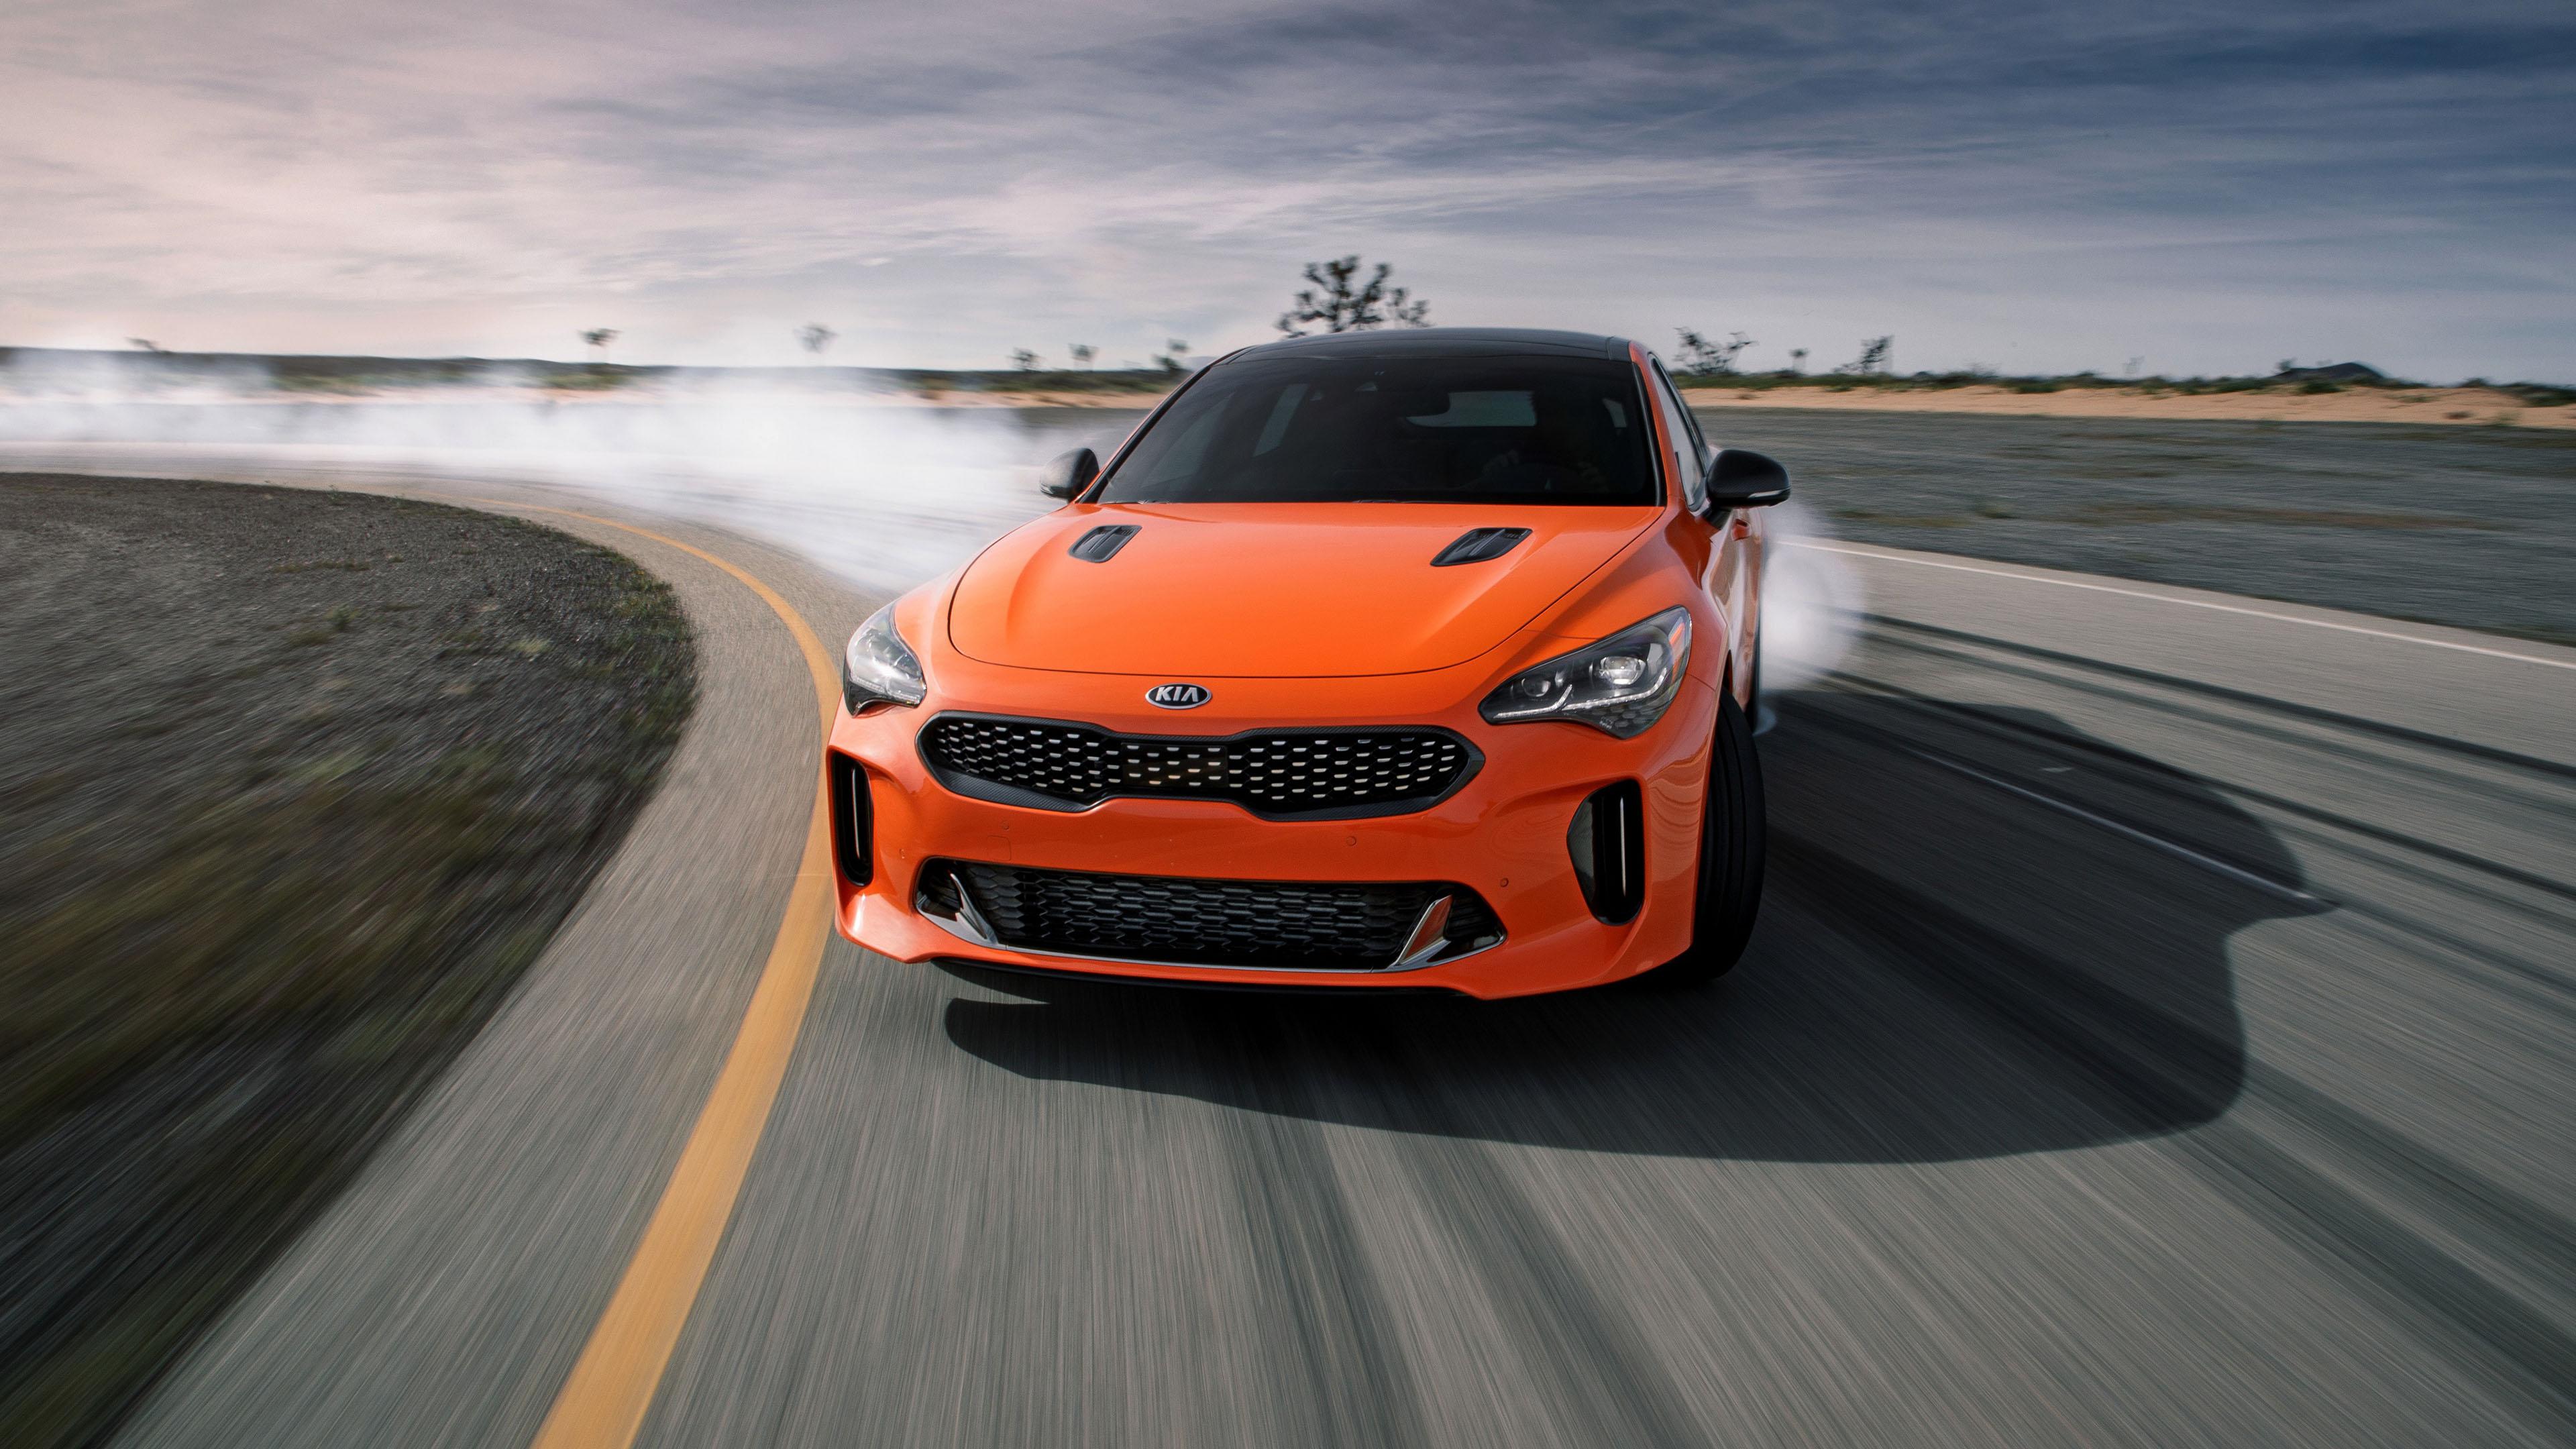 汽车天下,起亚,漂移,橙色跑车